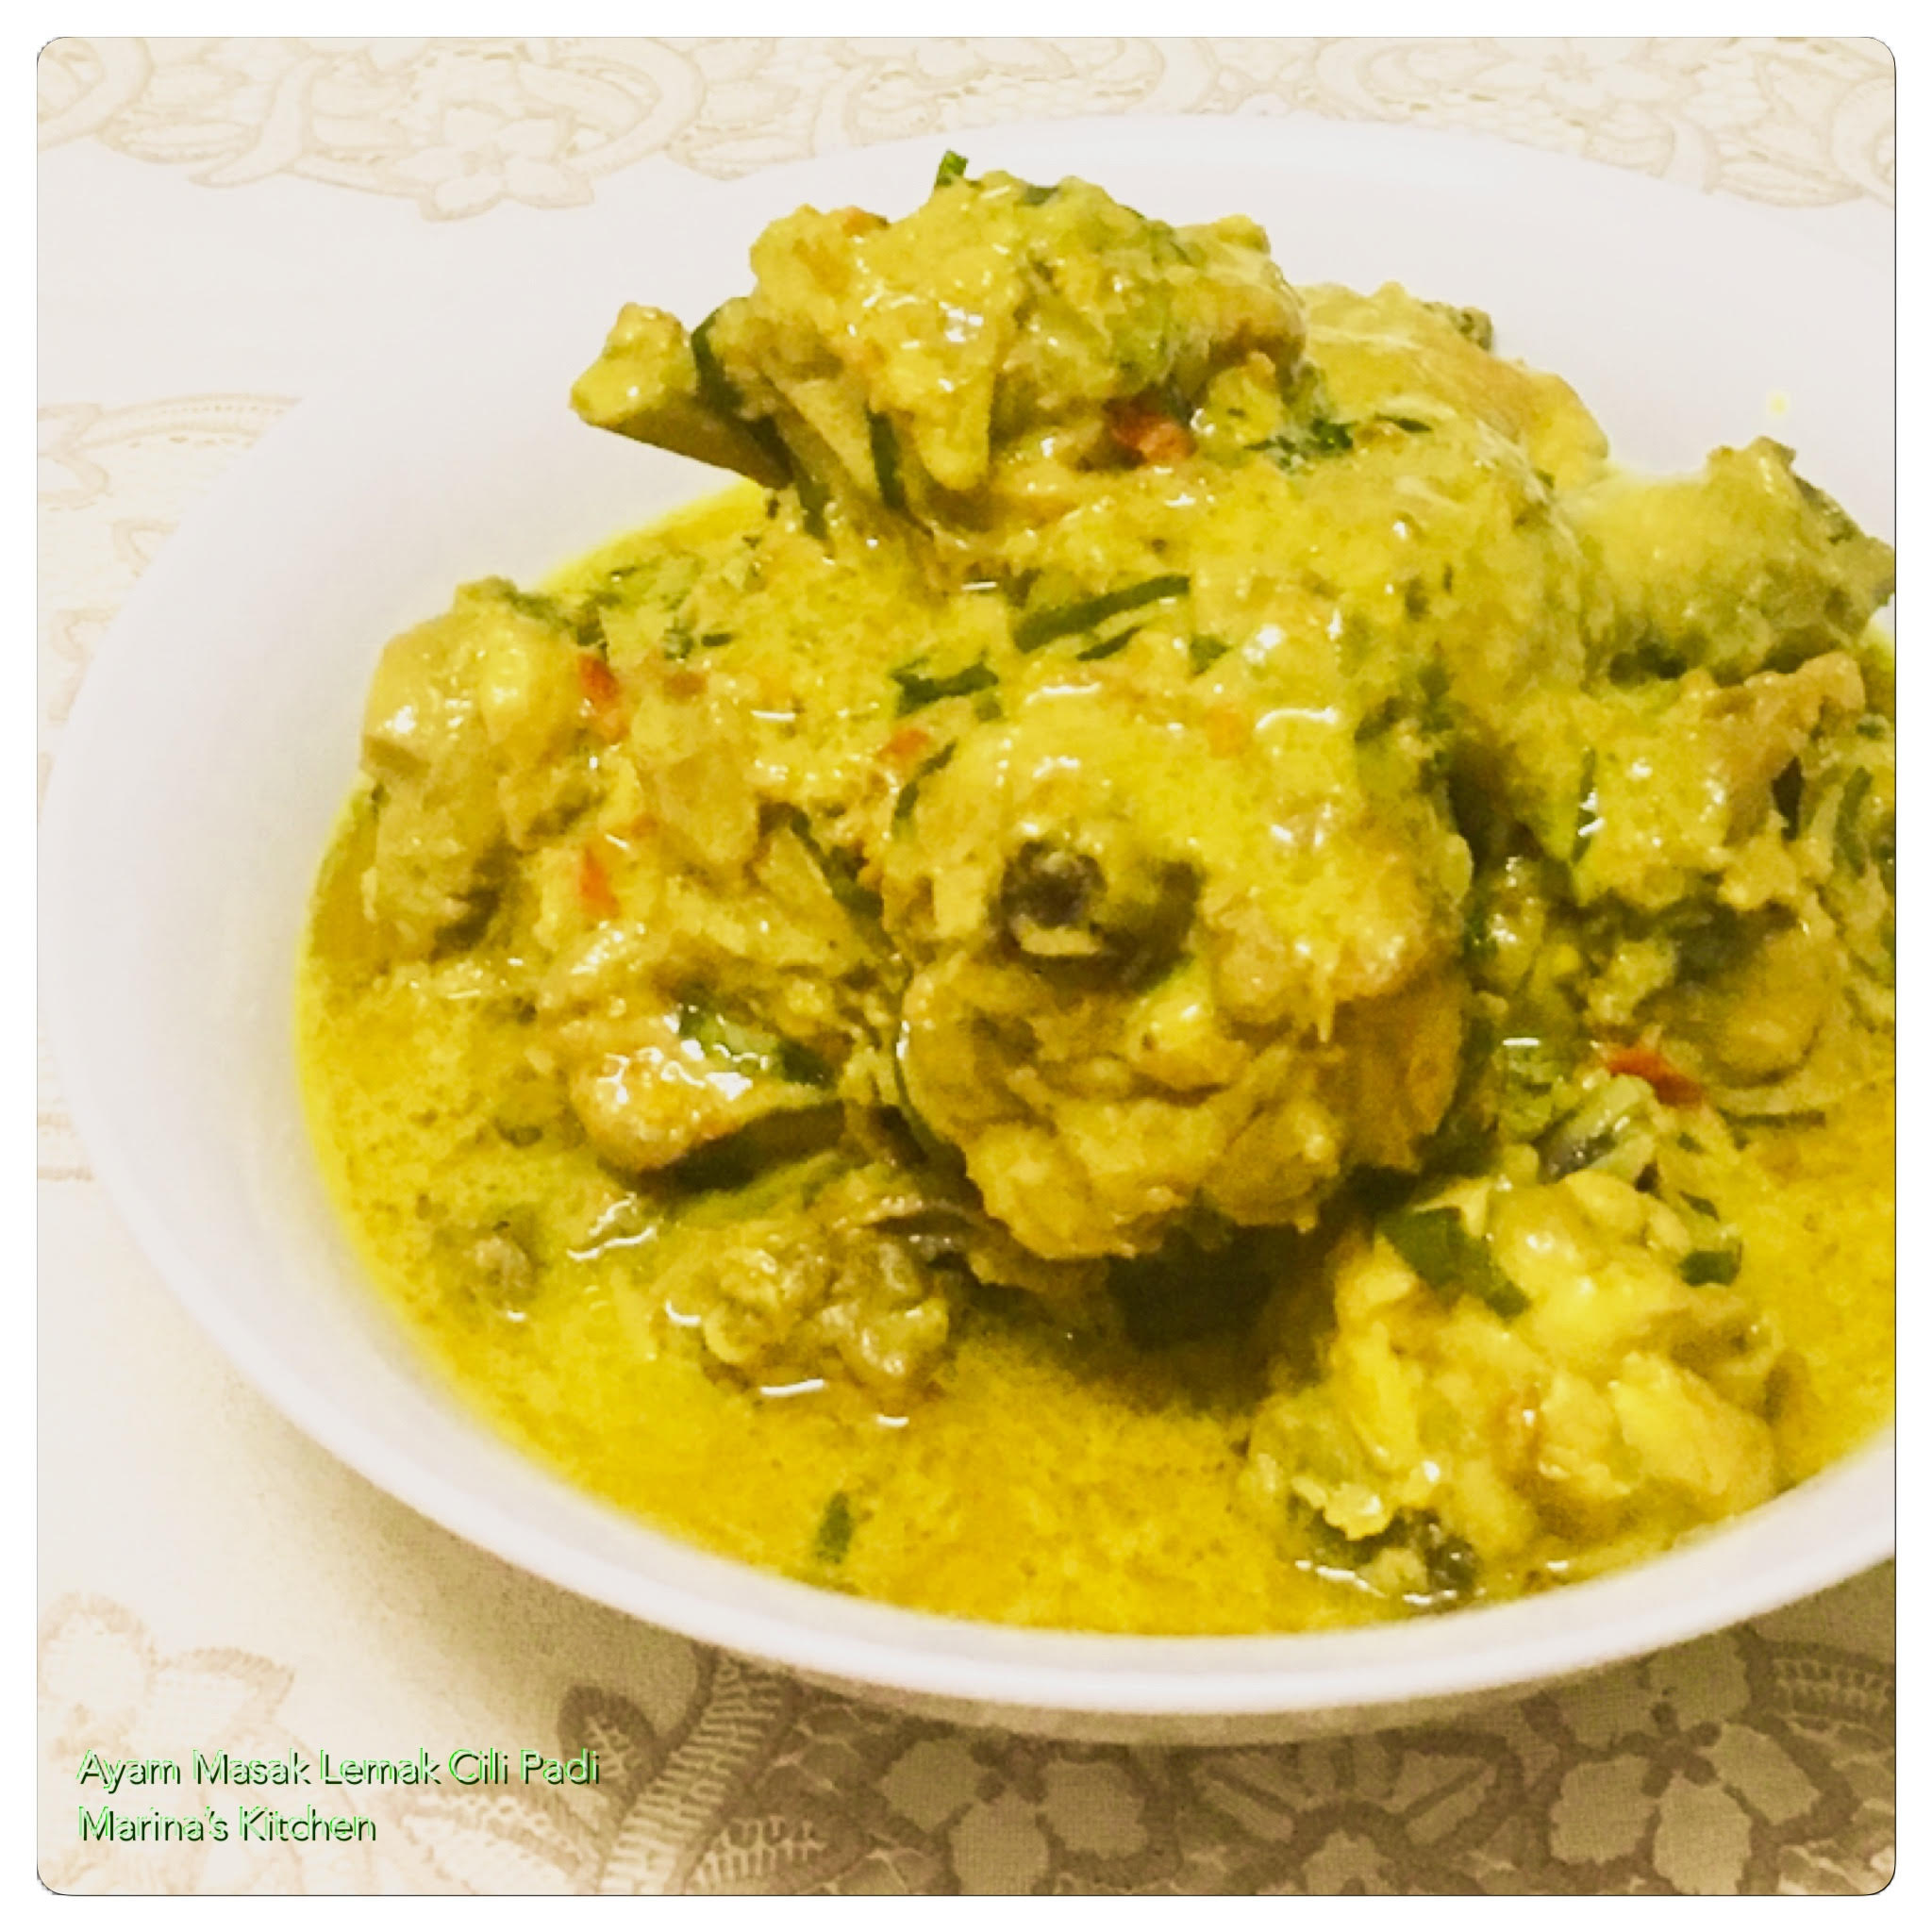 Ayam Masak Lemak Cili Padi Marina S Kitchen